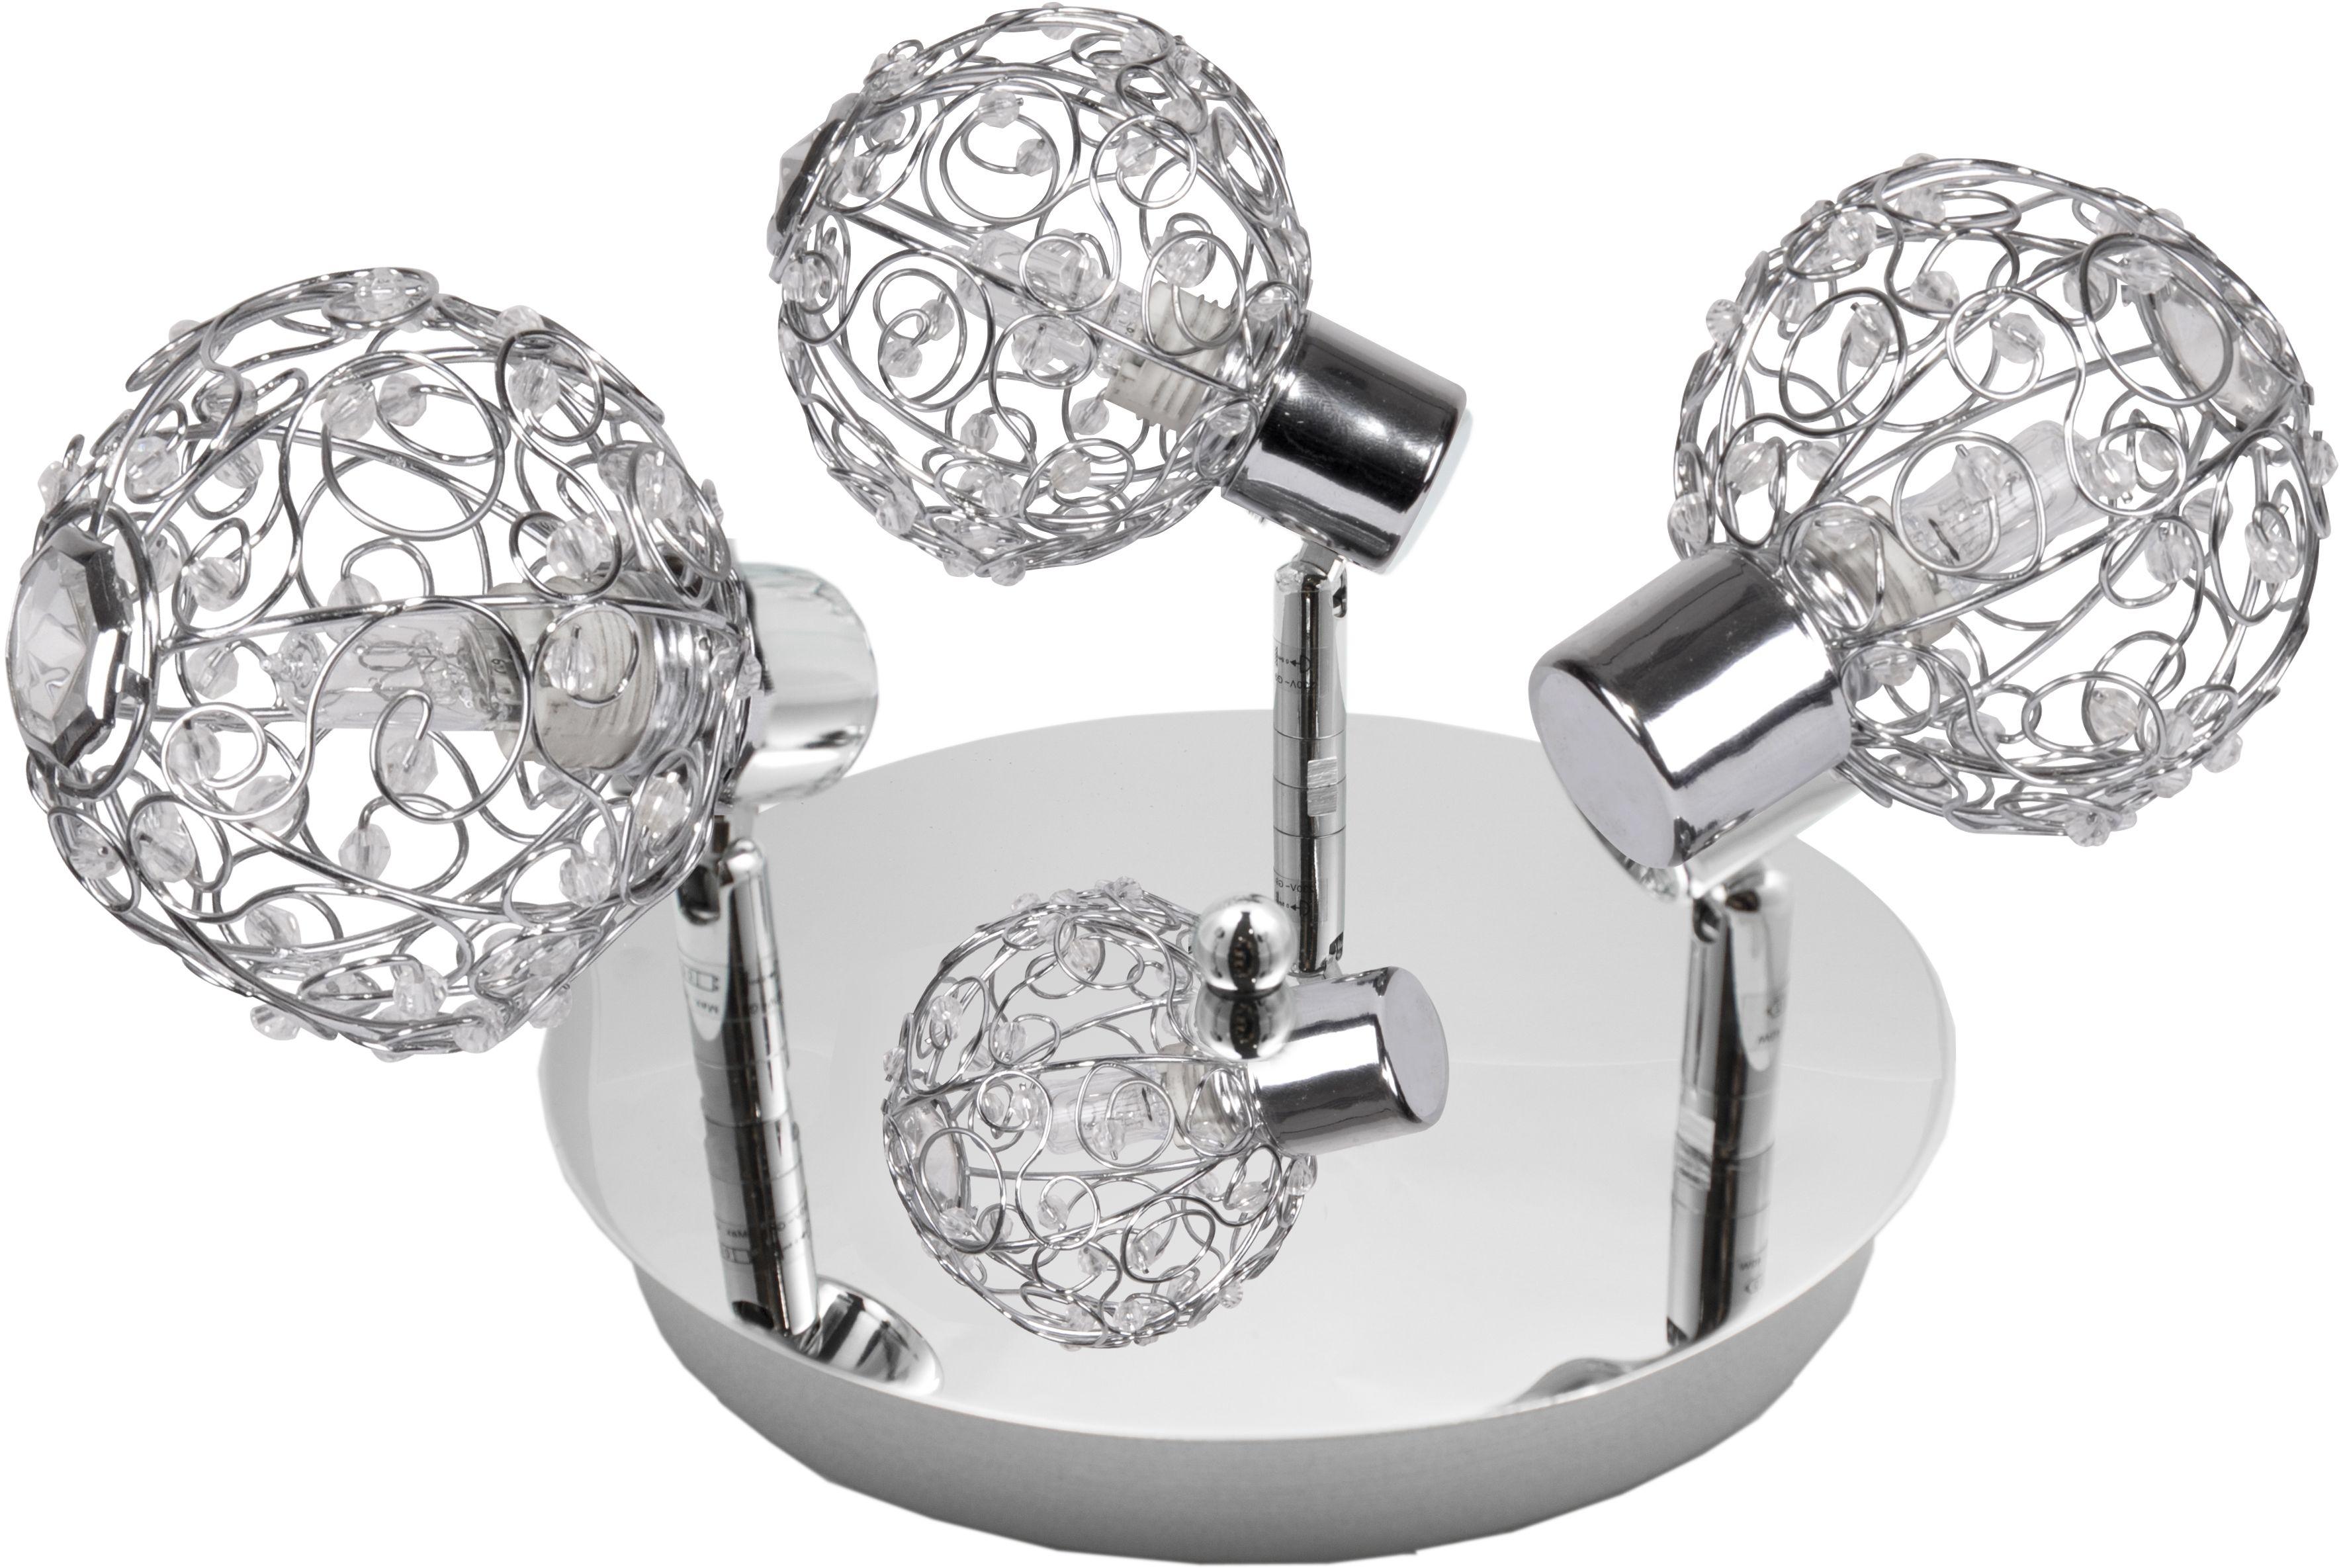 Candellux COLLAR 98-13750 plafon lampa sufitowa chrom metalowy klosz koraliki z akrylu 3X40W G9 44cm